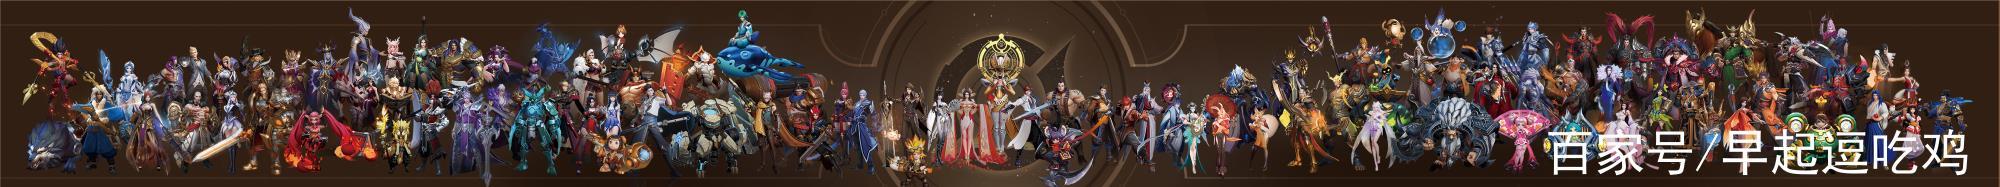 王者荣耀里,哪些英雄能够无视版本潮流,只要拿出来队友都能接受